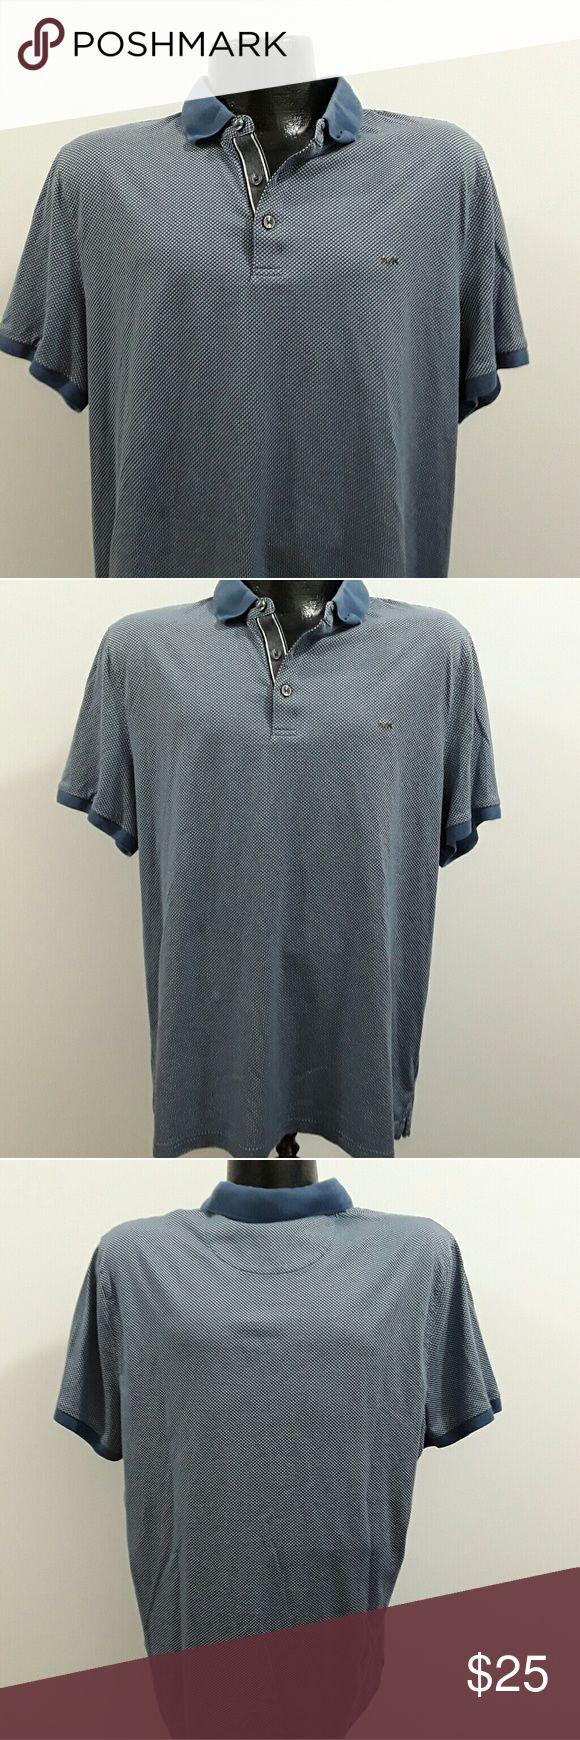 Michael Kors polo shirt men short sleeve cotton Cotton polo size XL. Non smoking house. Very nice polo. No hols.  No spots. Michael Kors Shirts Polos